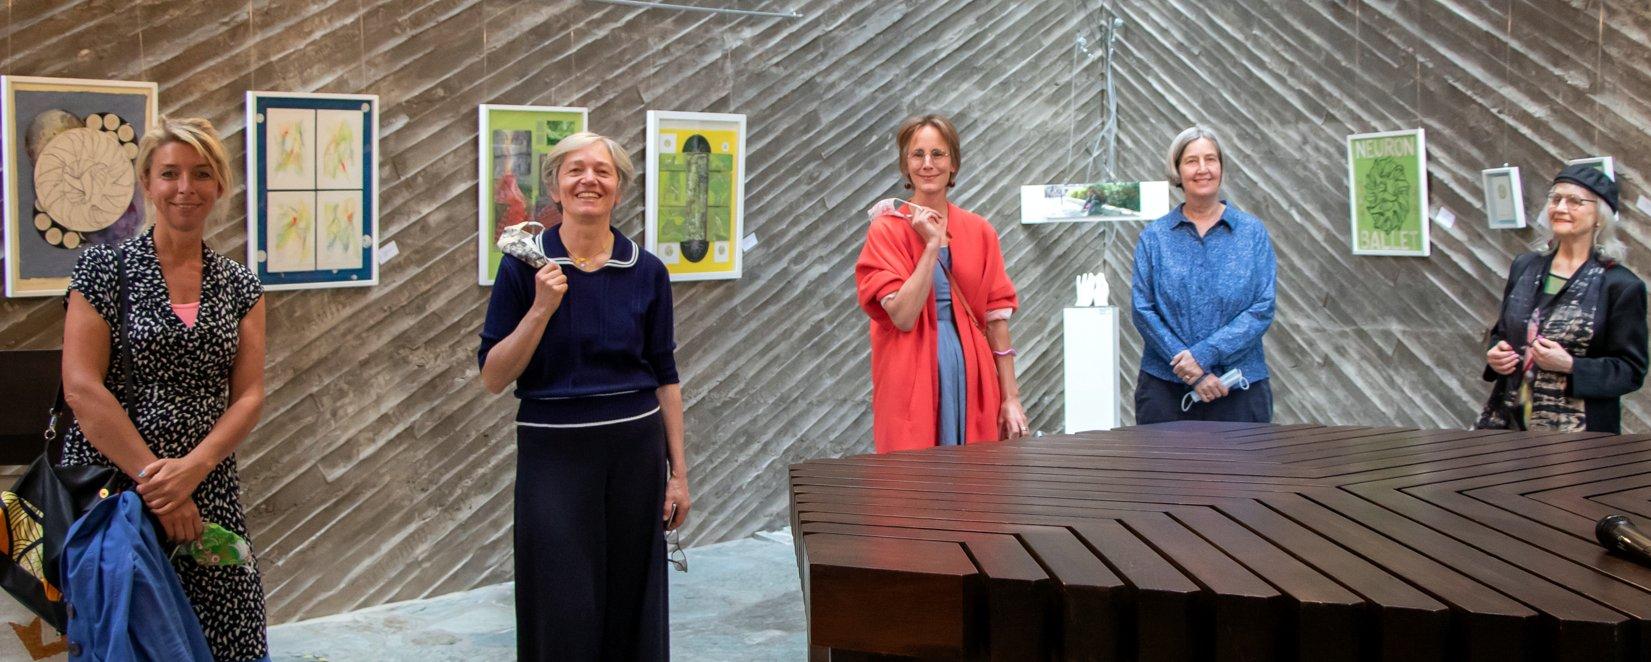 Frauen-Power Ausstellung in Kulturkirche Ost Köln GAG